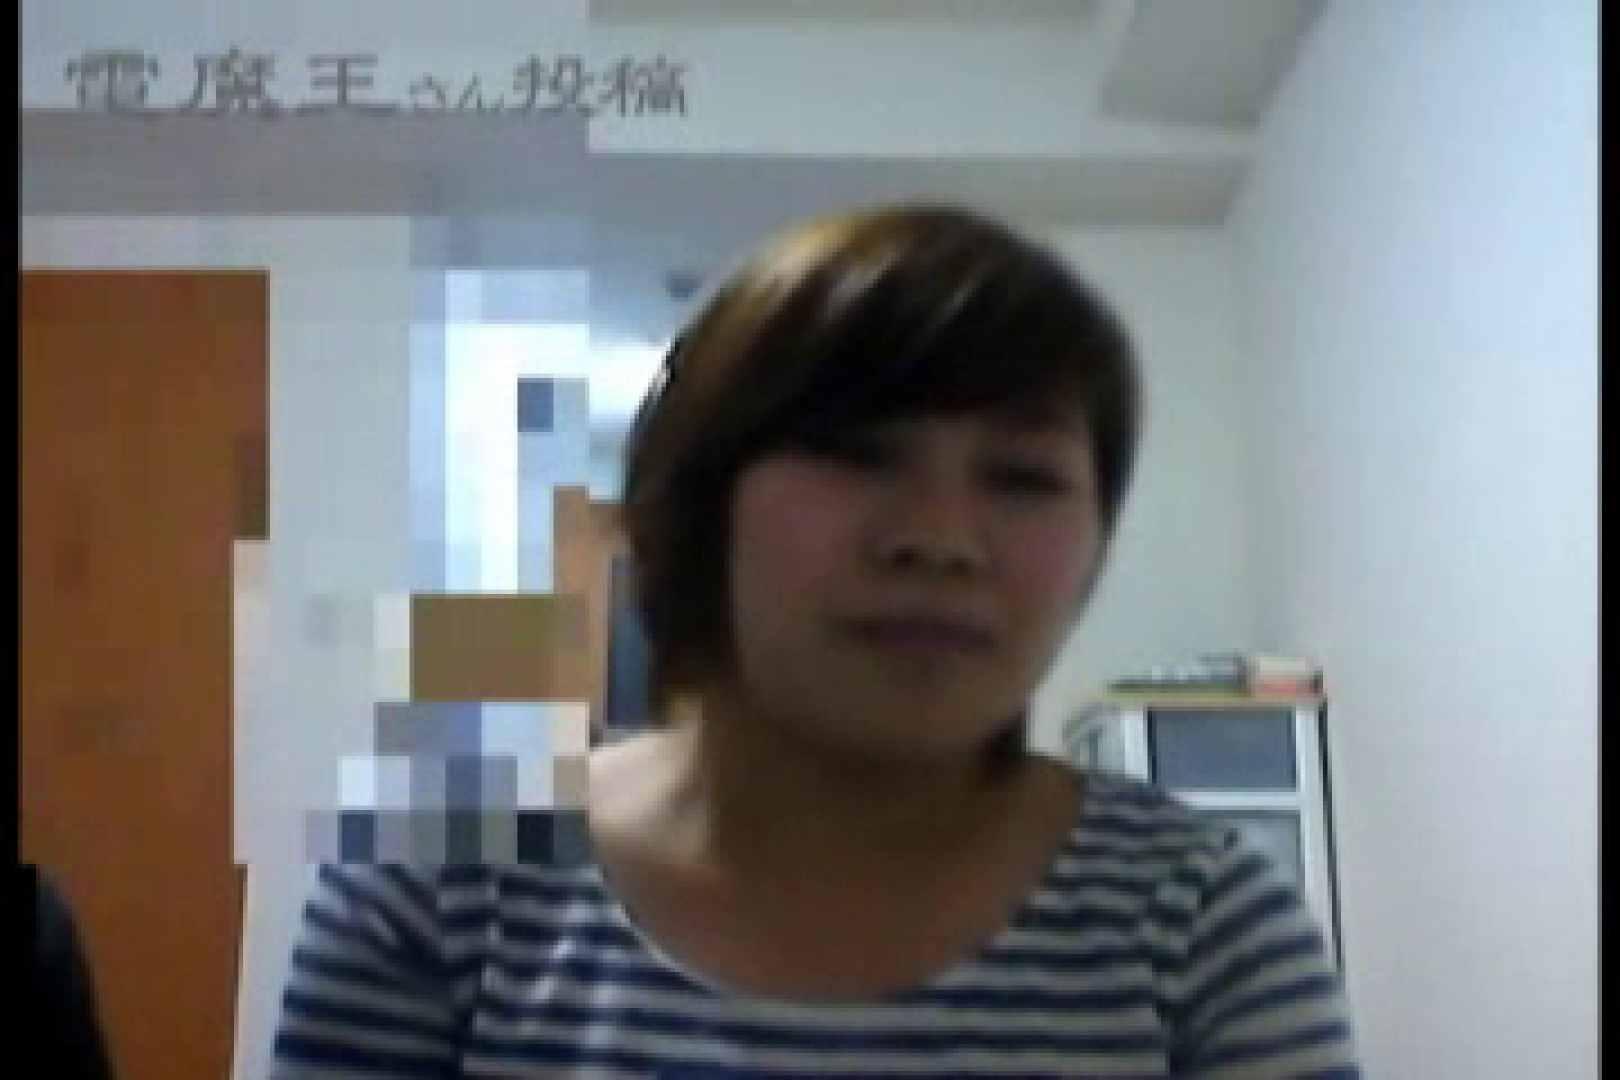 電魔王さんの「隠撮の部屋」アユ ポチャ | 隠撮  58連発 1